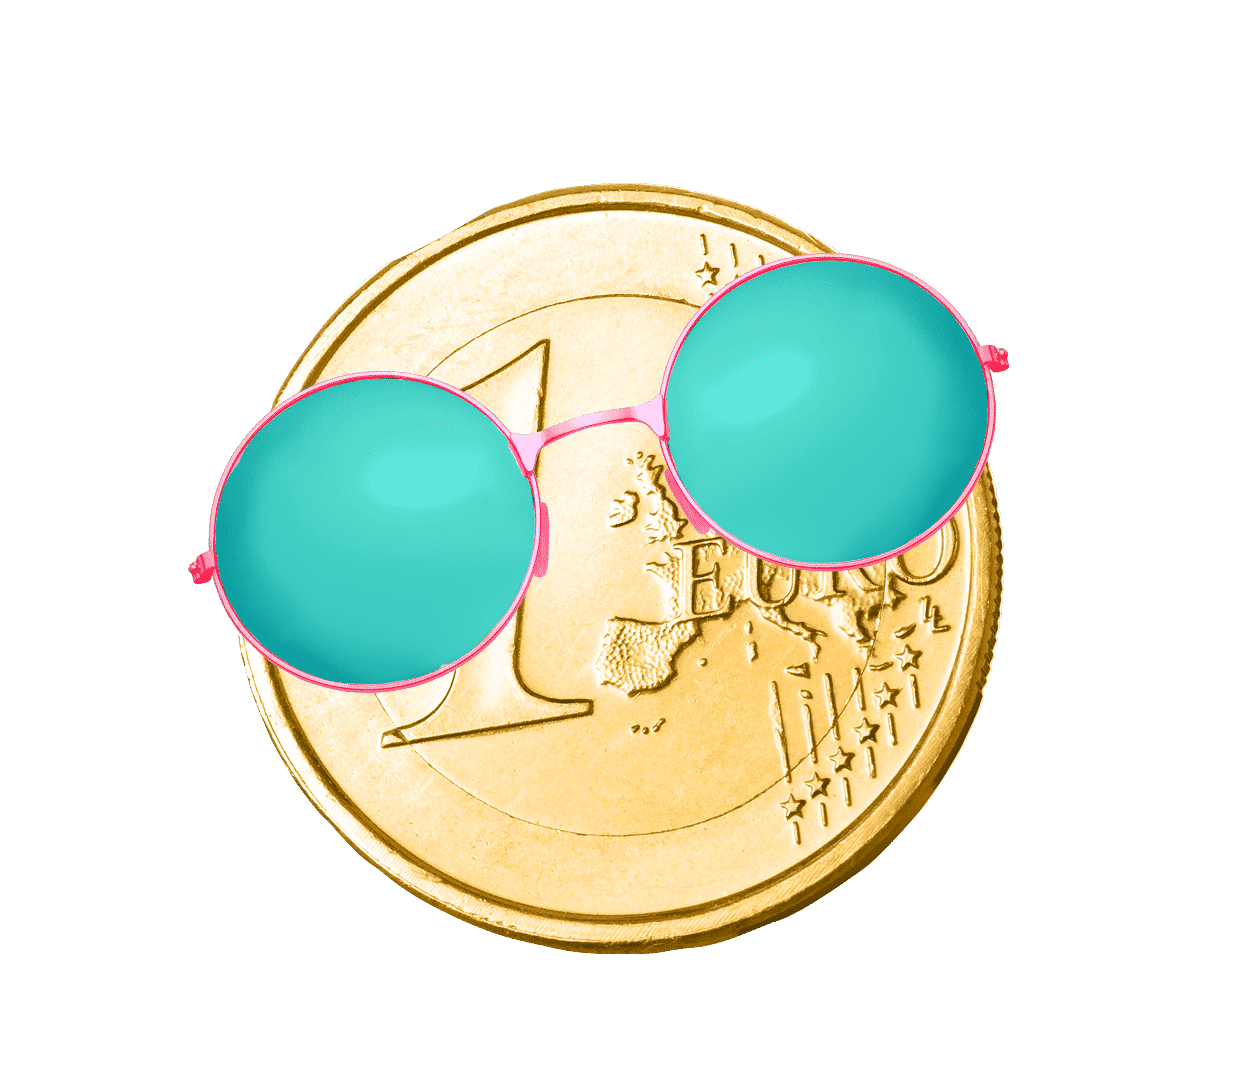 économies d'énergie récompensées